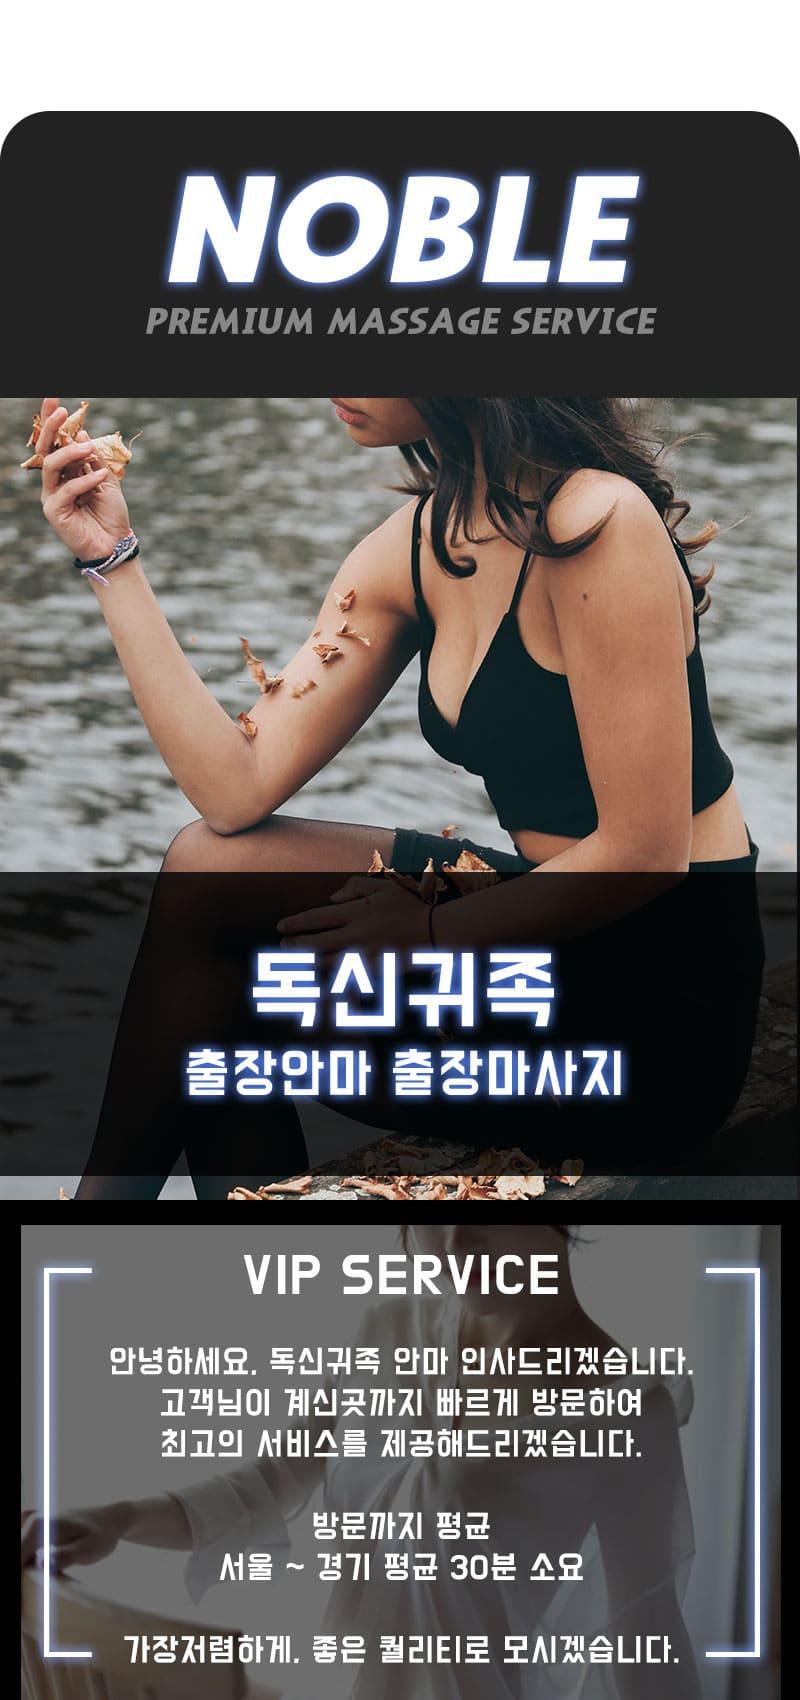 월곡동출장안마 소개